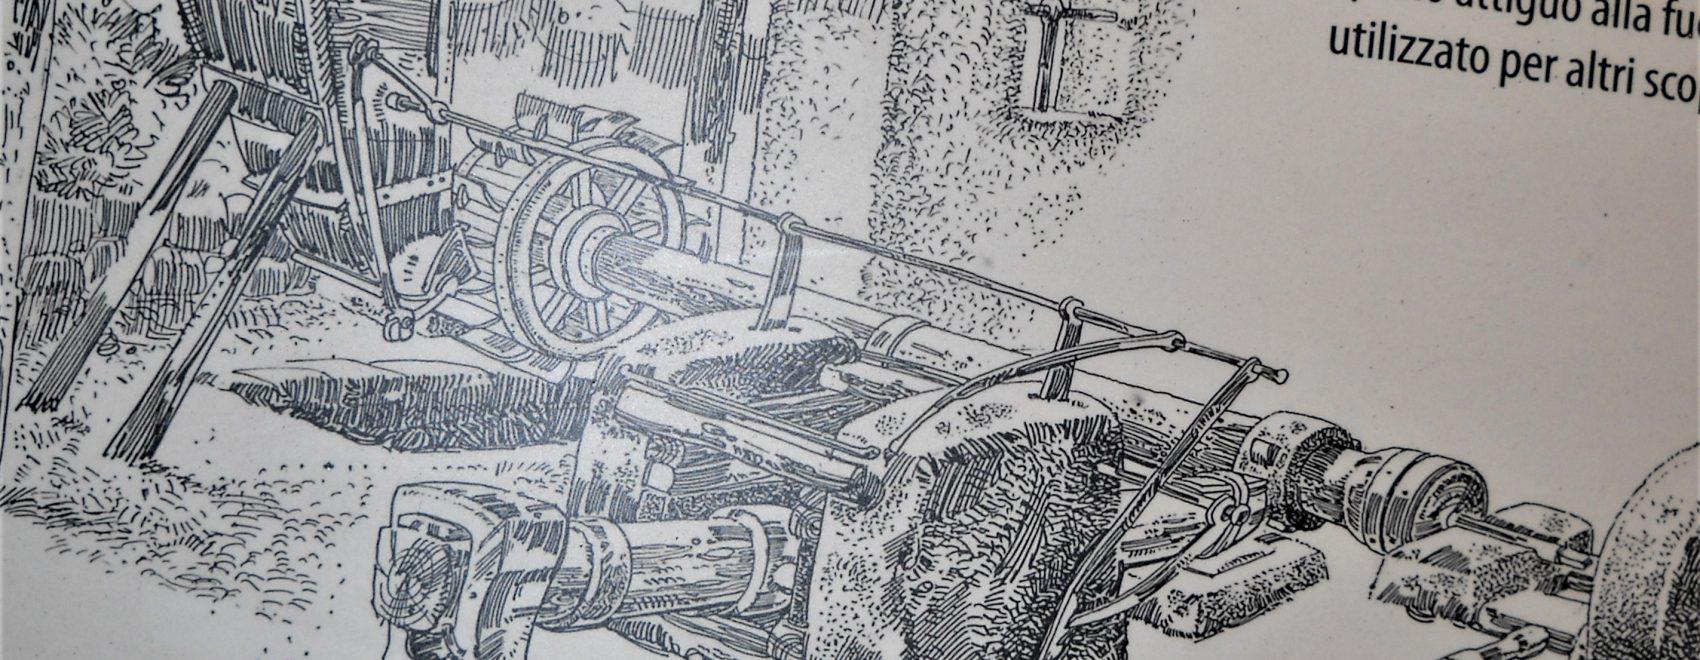 schizzo di una fucina con maglio